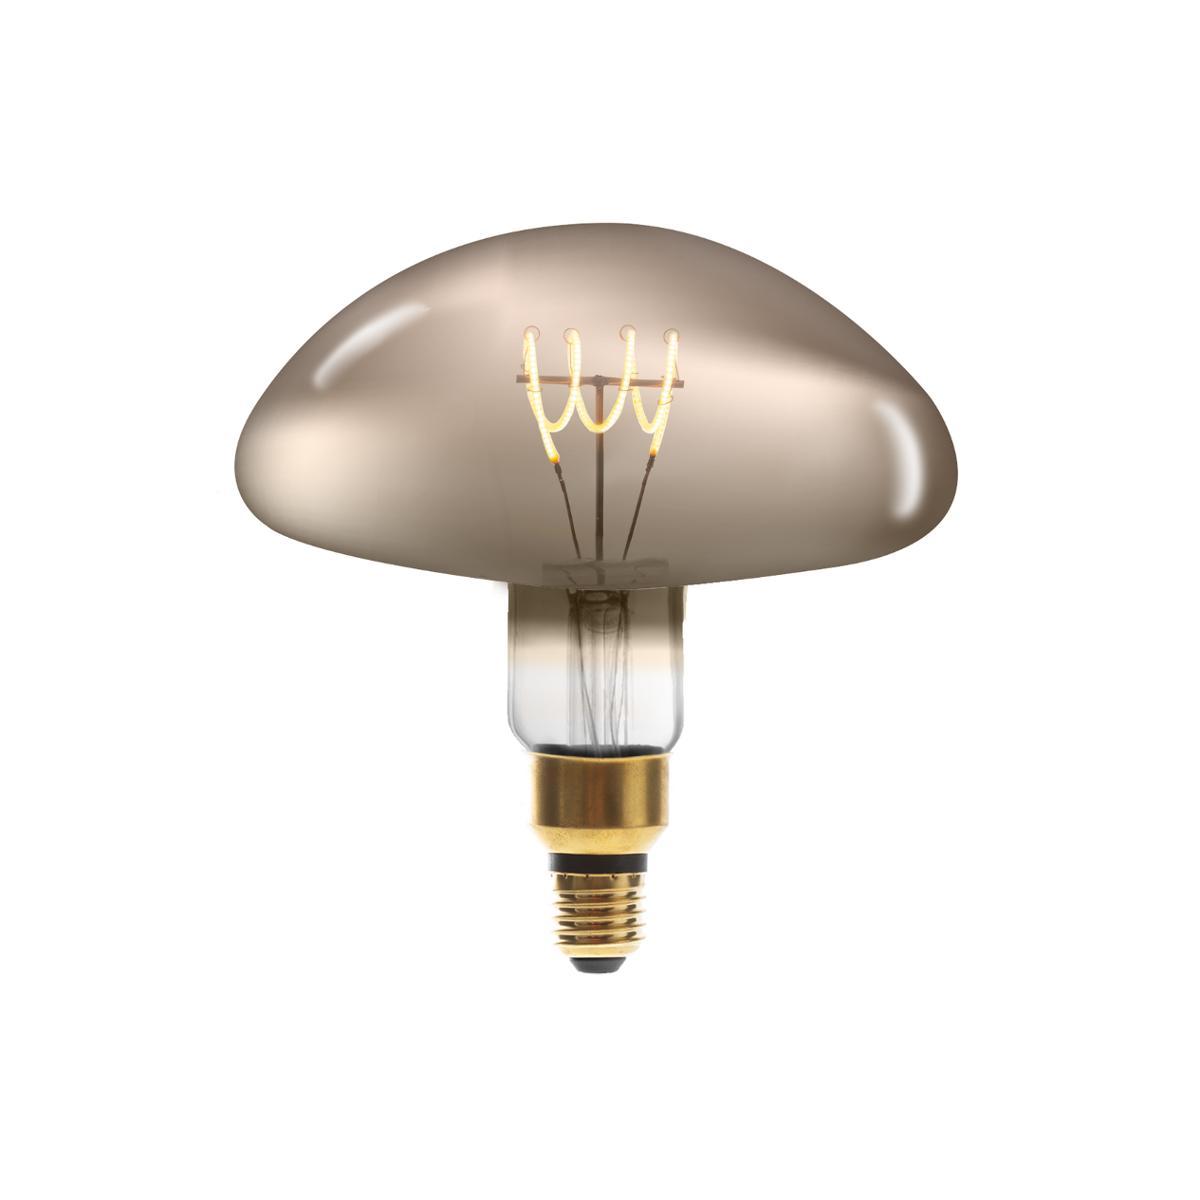 Ampoule LED Torsad Fumée MS200 4W